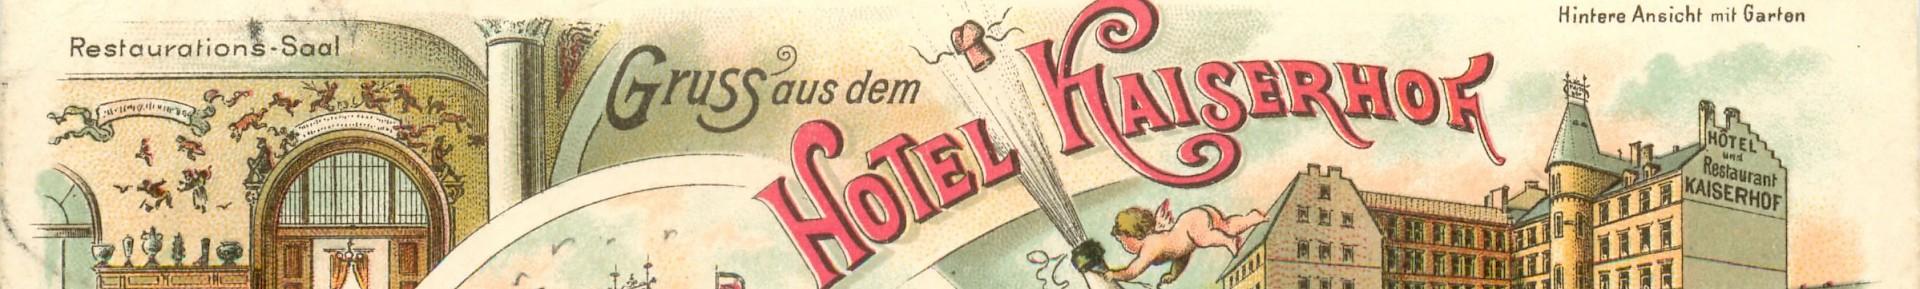 Plakaat van de geschiedenis van het Hotel Kaiserhof